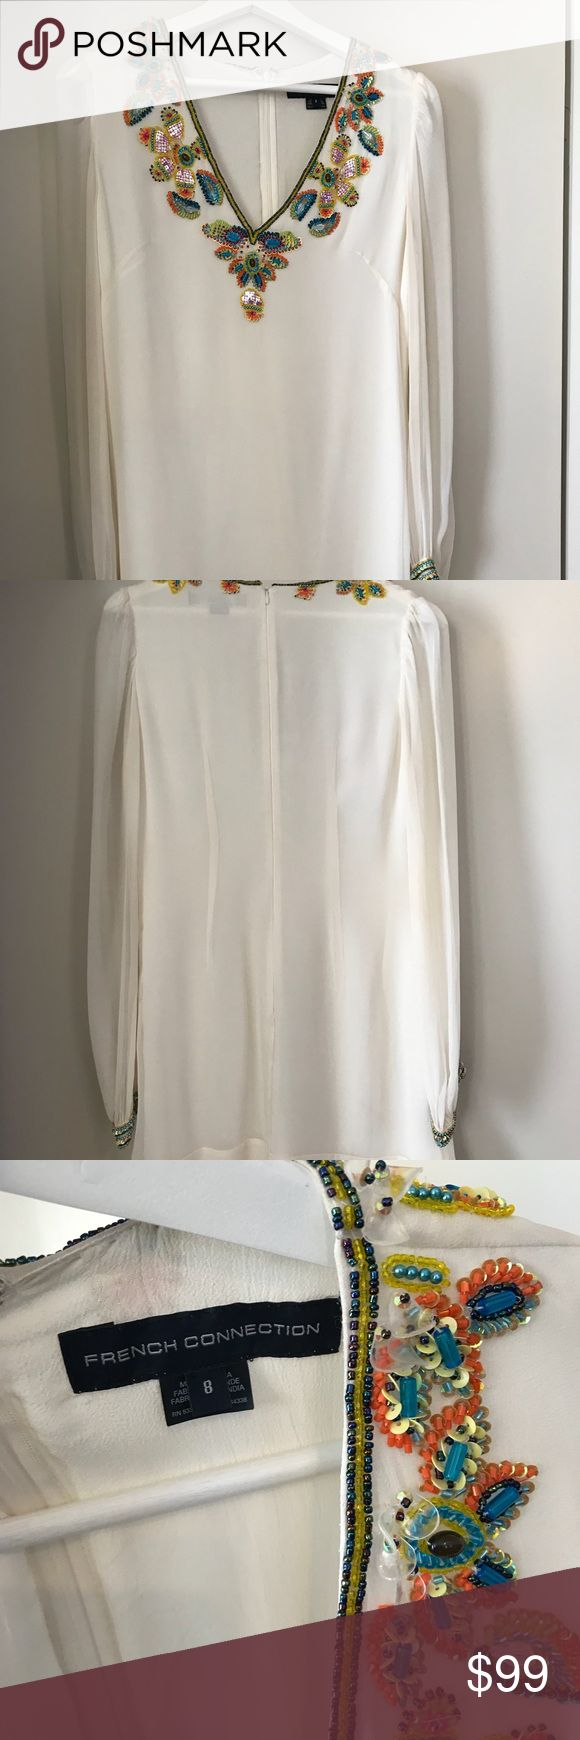 I just added this listing on Poshmark: French Connection mini dress. #shopmycloset #poshmark #fashion #shopping #style #forsale #French Connection #Dresses & Skirts